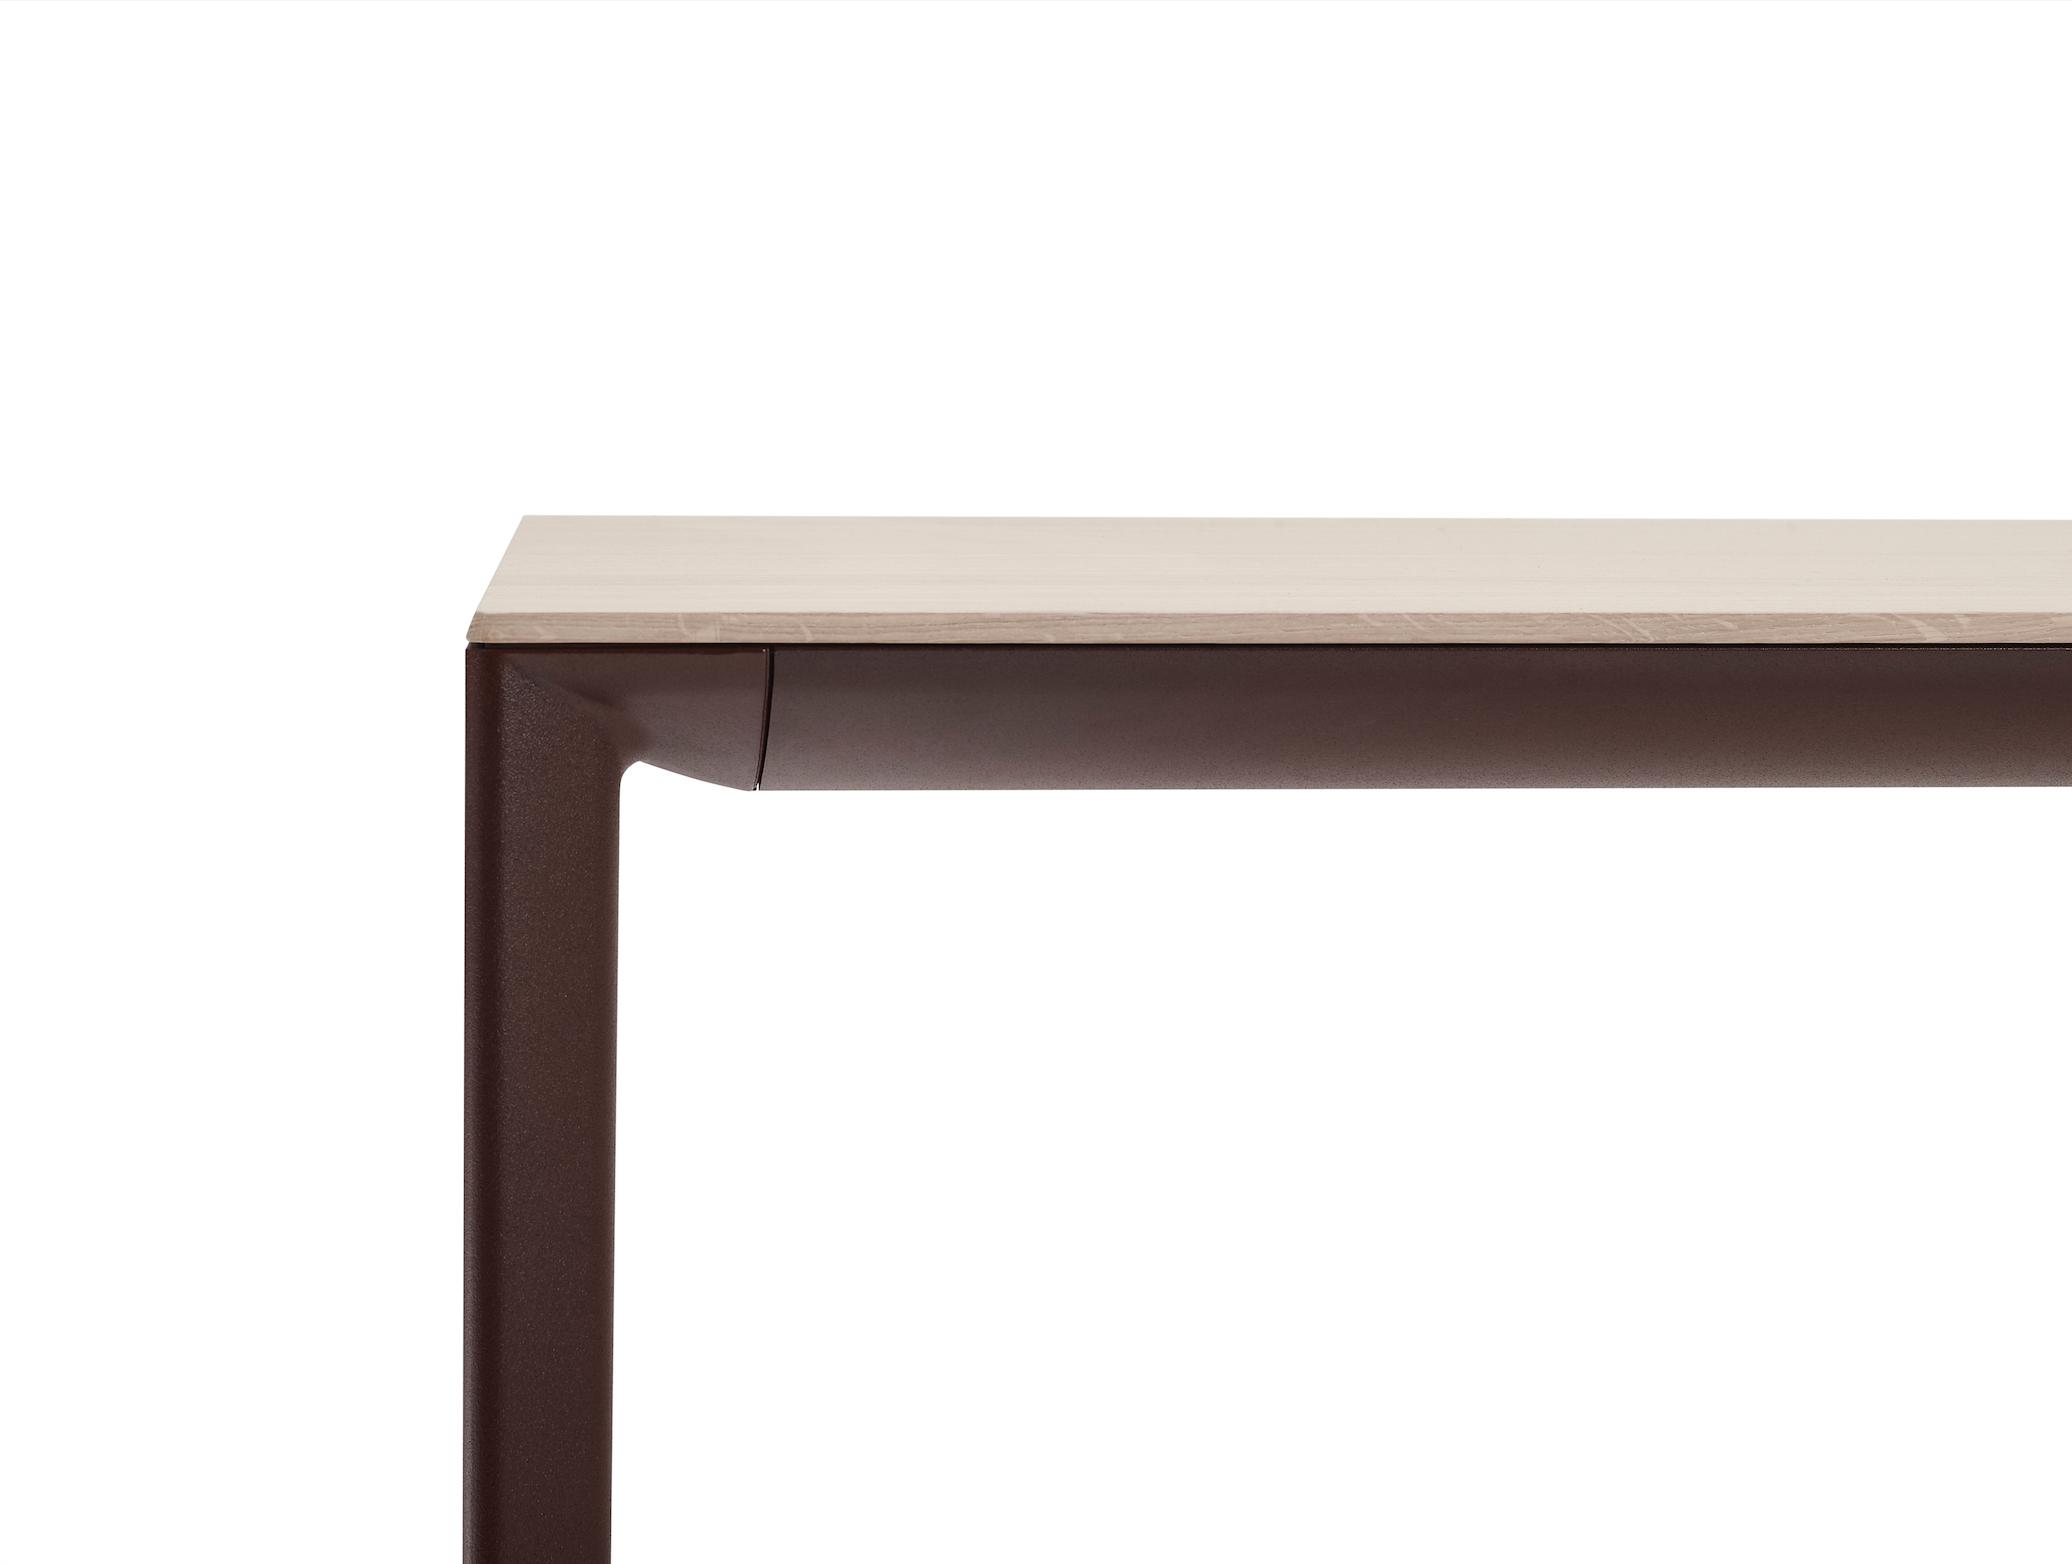 Arco verlengbare shift tafel door Jorre van Ast bij designmeubelwinkel Loncin en interieur in Leuven Hasselt Mechelen Antwerpen Wavre Liege Namur Brabant wallon Limburg Sint-truiden Zoutleeuw houtafwerking 1.png